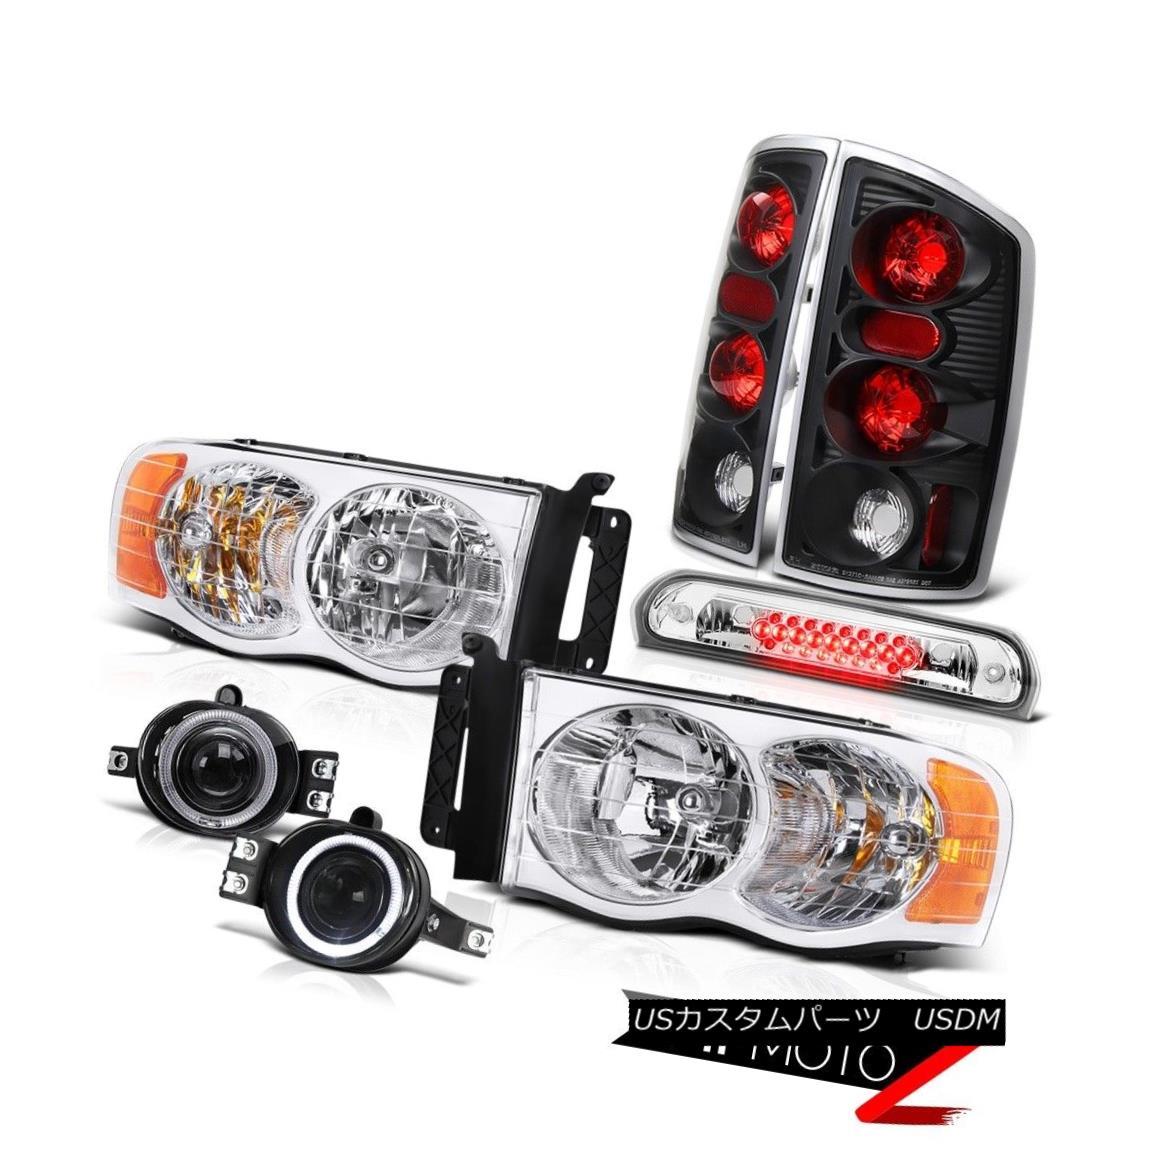 テールライト 02 03 04 05 Ram 3500 Crystal Clear Headlamps Tail Lamps Glass Fog Euro Third LED 02 03 04 05 Ram 3500クリスタルクリアヘッドランプテールランプガラス曇りユーロ第3 LED